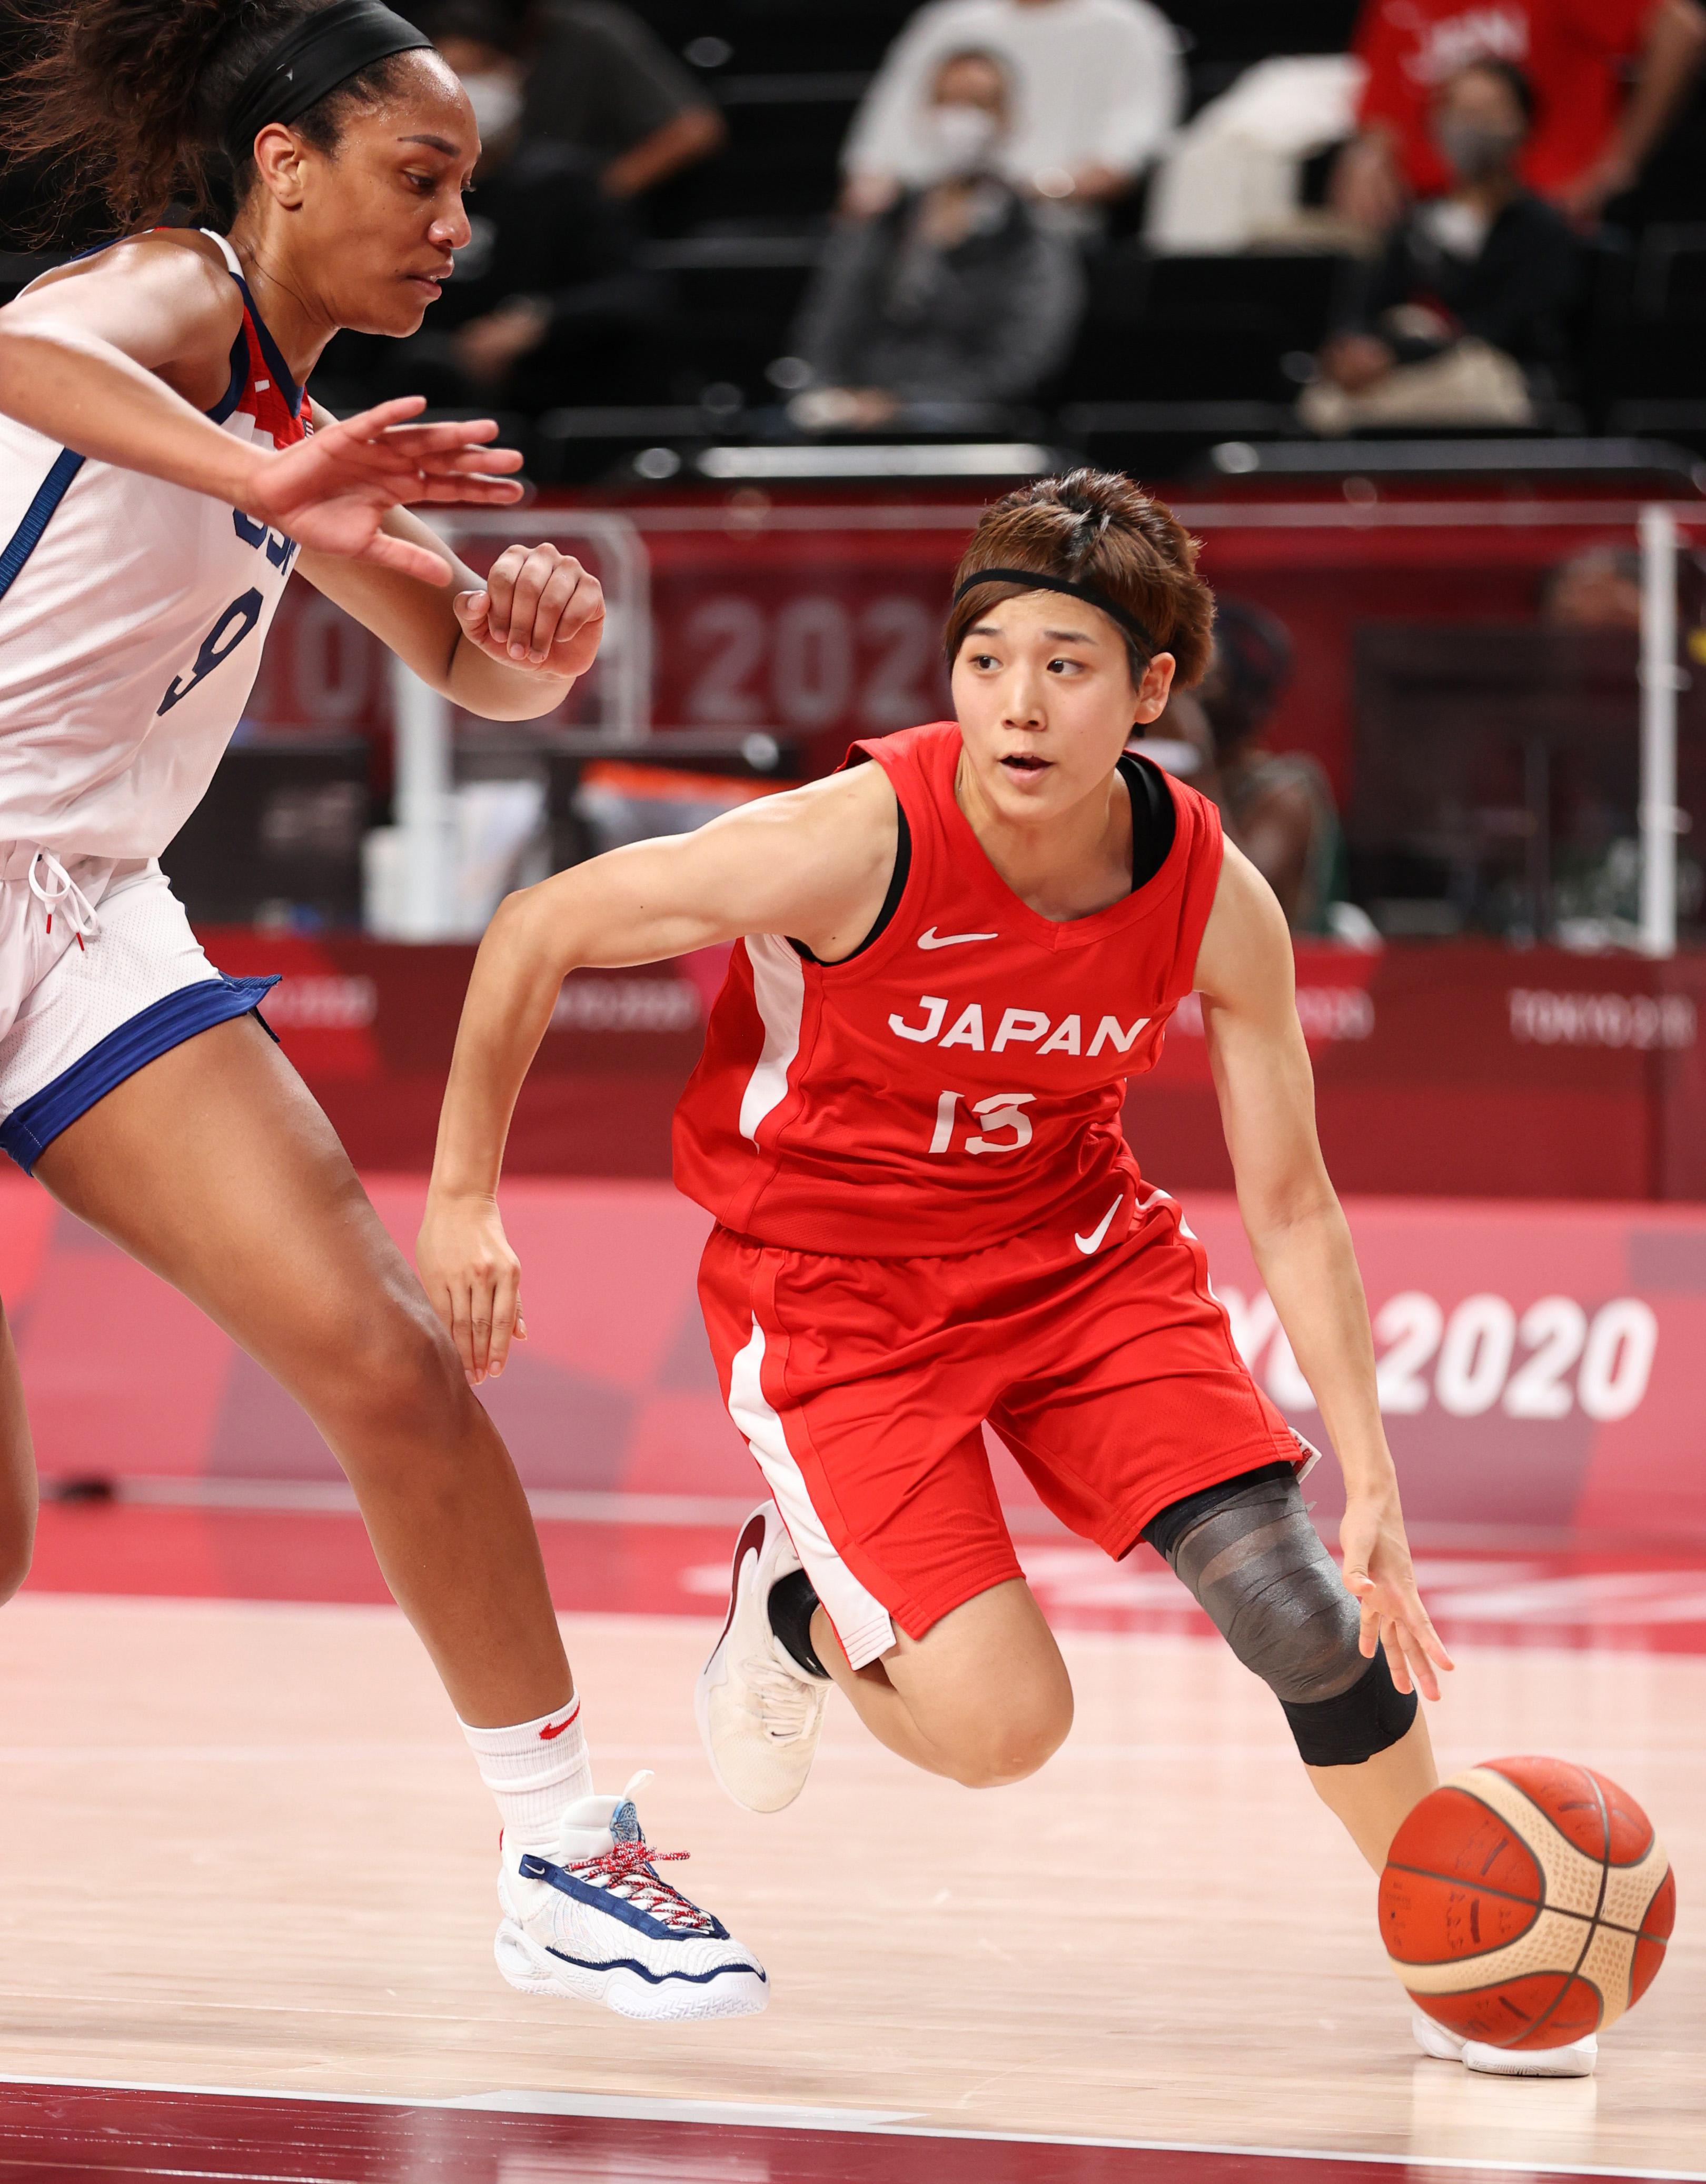 【東京五輪2020 バスケットボール】女子バスケットボール決勝 <日本対米国> 第2クオーター、ドリブルで突破する町田瑠唯=8日、さいたまスーパーアリーナ(恵守乾撮影)